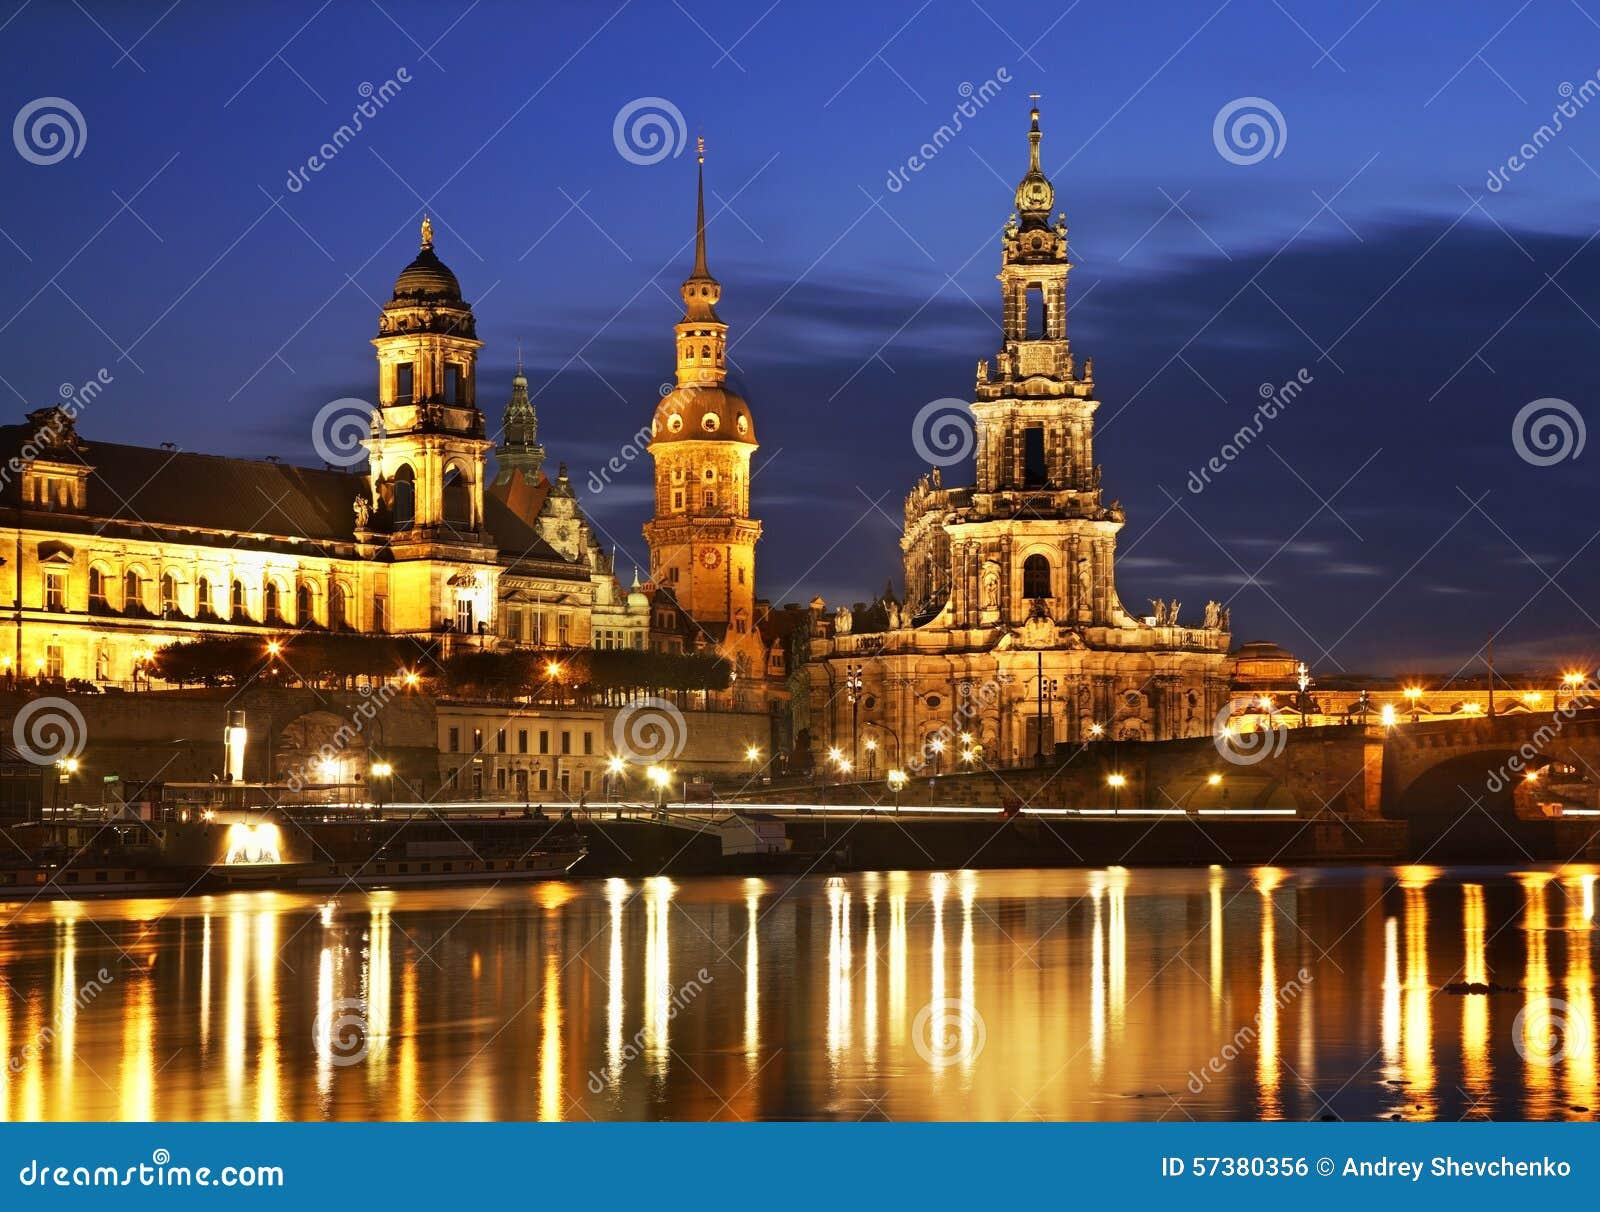 Dijk van Elbe in Dresden duitsland